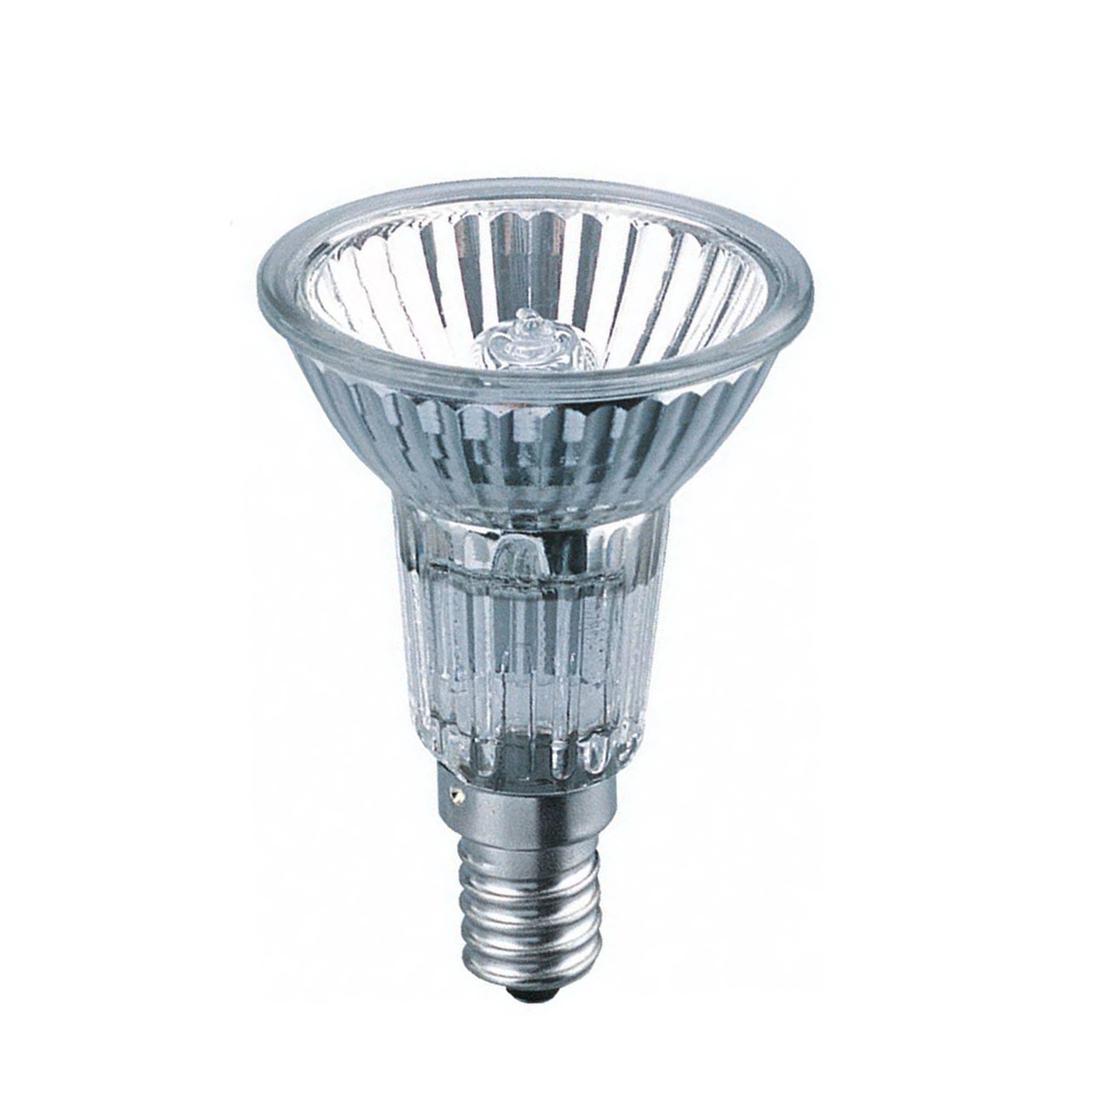 1 Stk QPAR 16 40W 35° E14, Halogenpressglaslampe LI5X938479